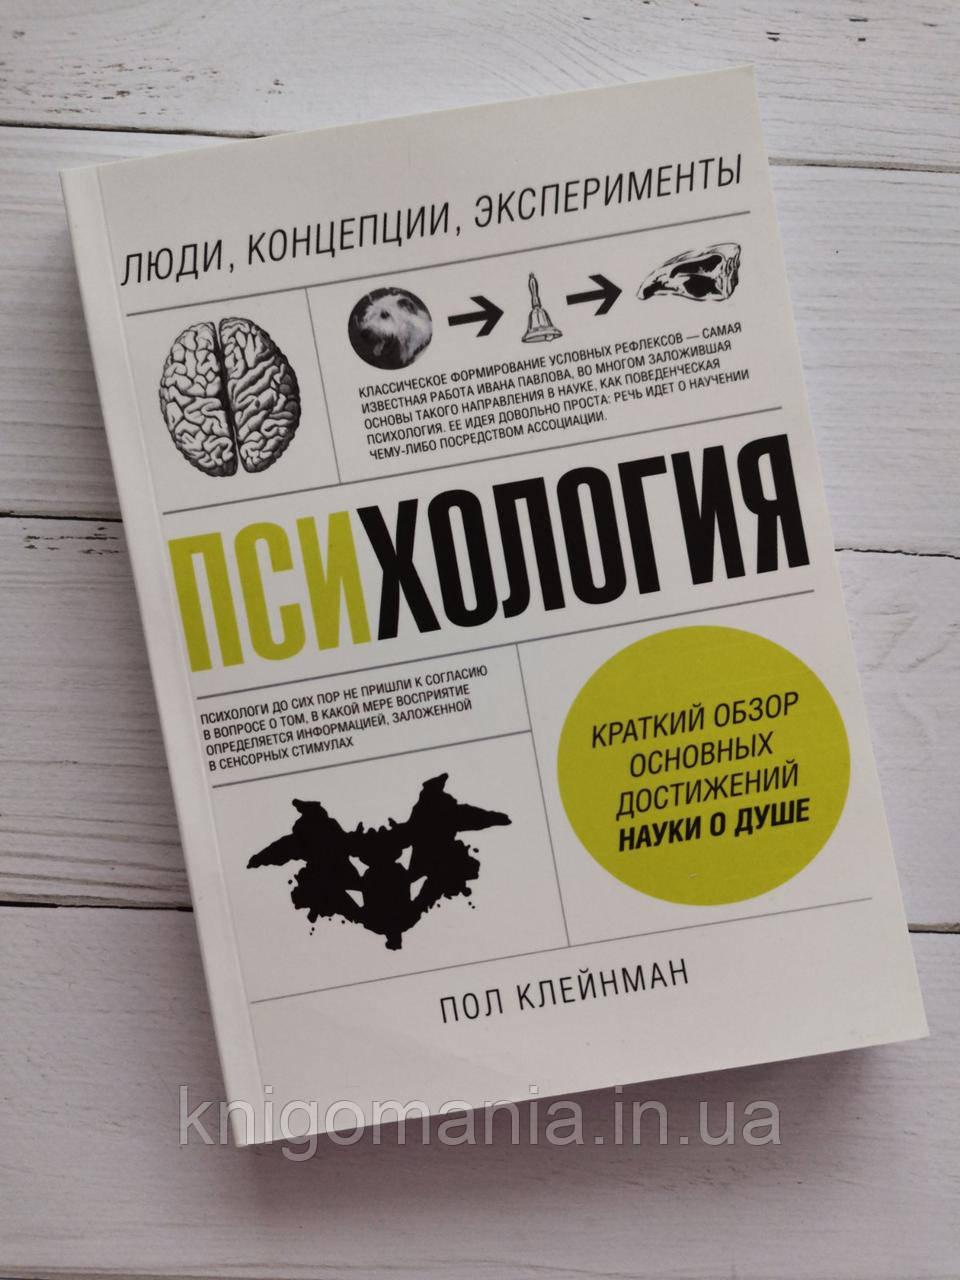 """""""Психология: Люди, концепция, эксперименты"""" Пол Клейнман"""